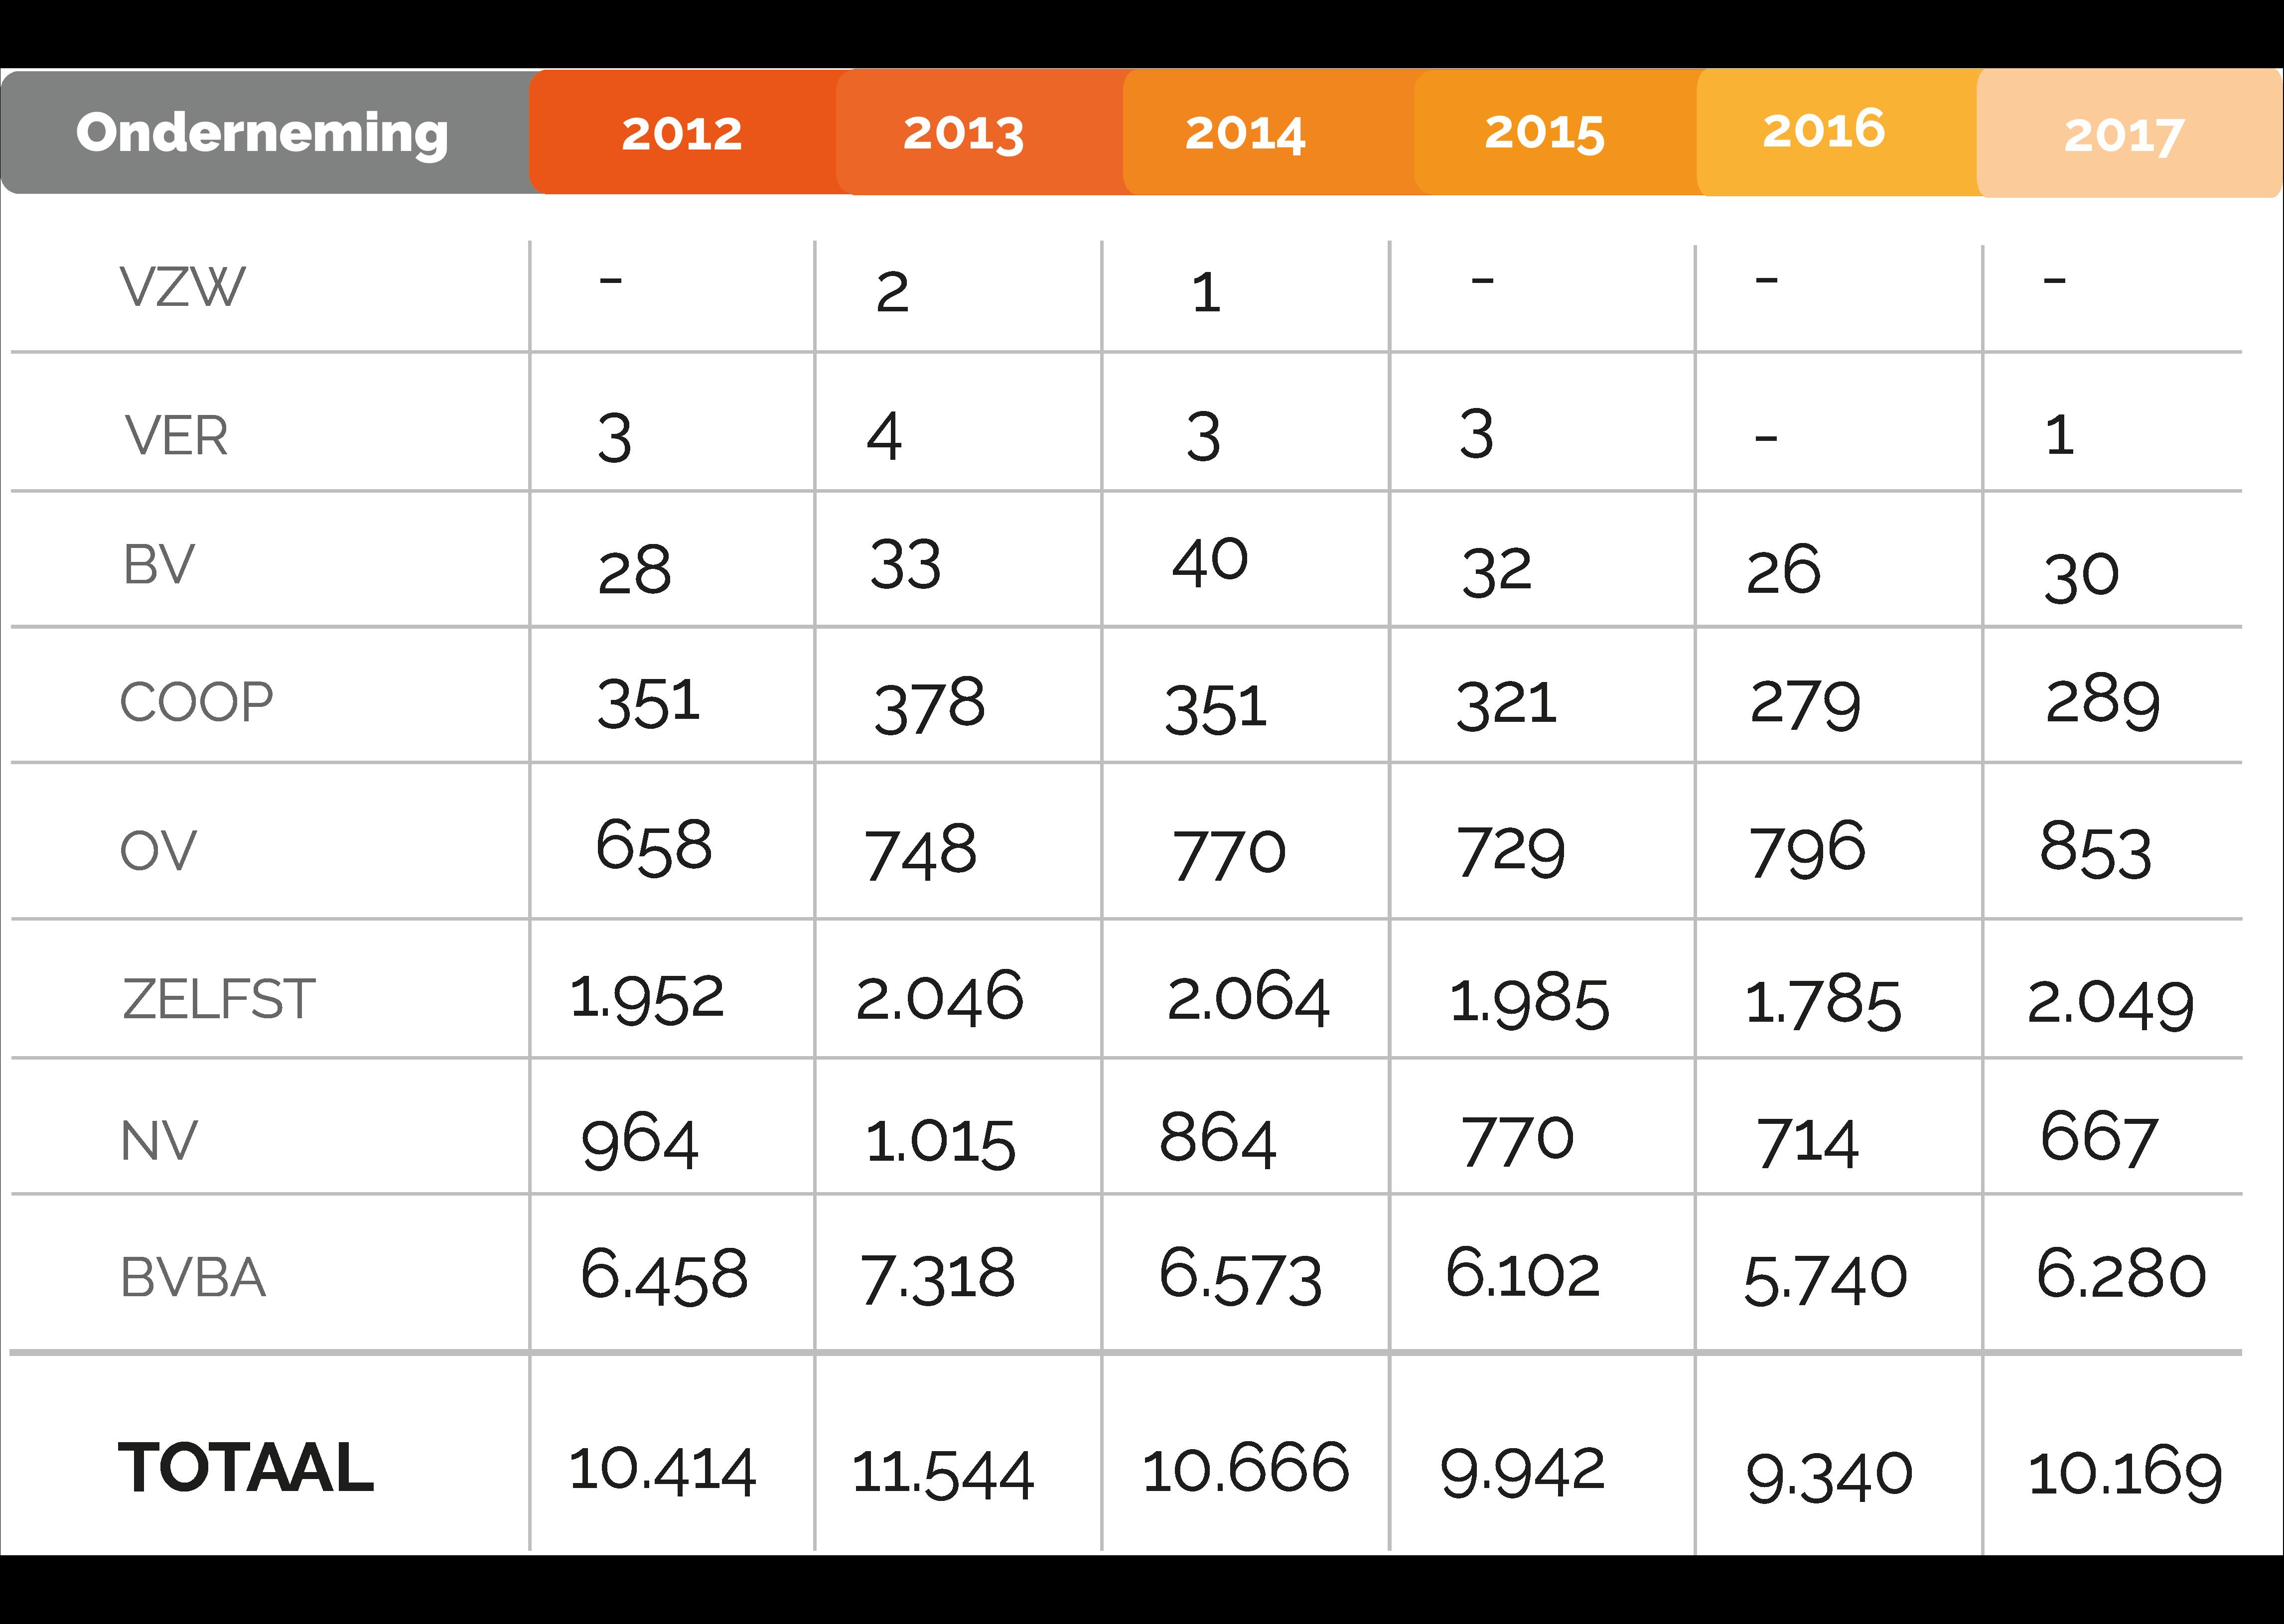 faillissementen-NL-2012-2017